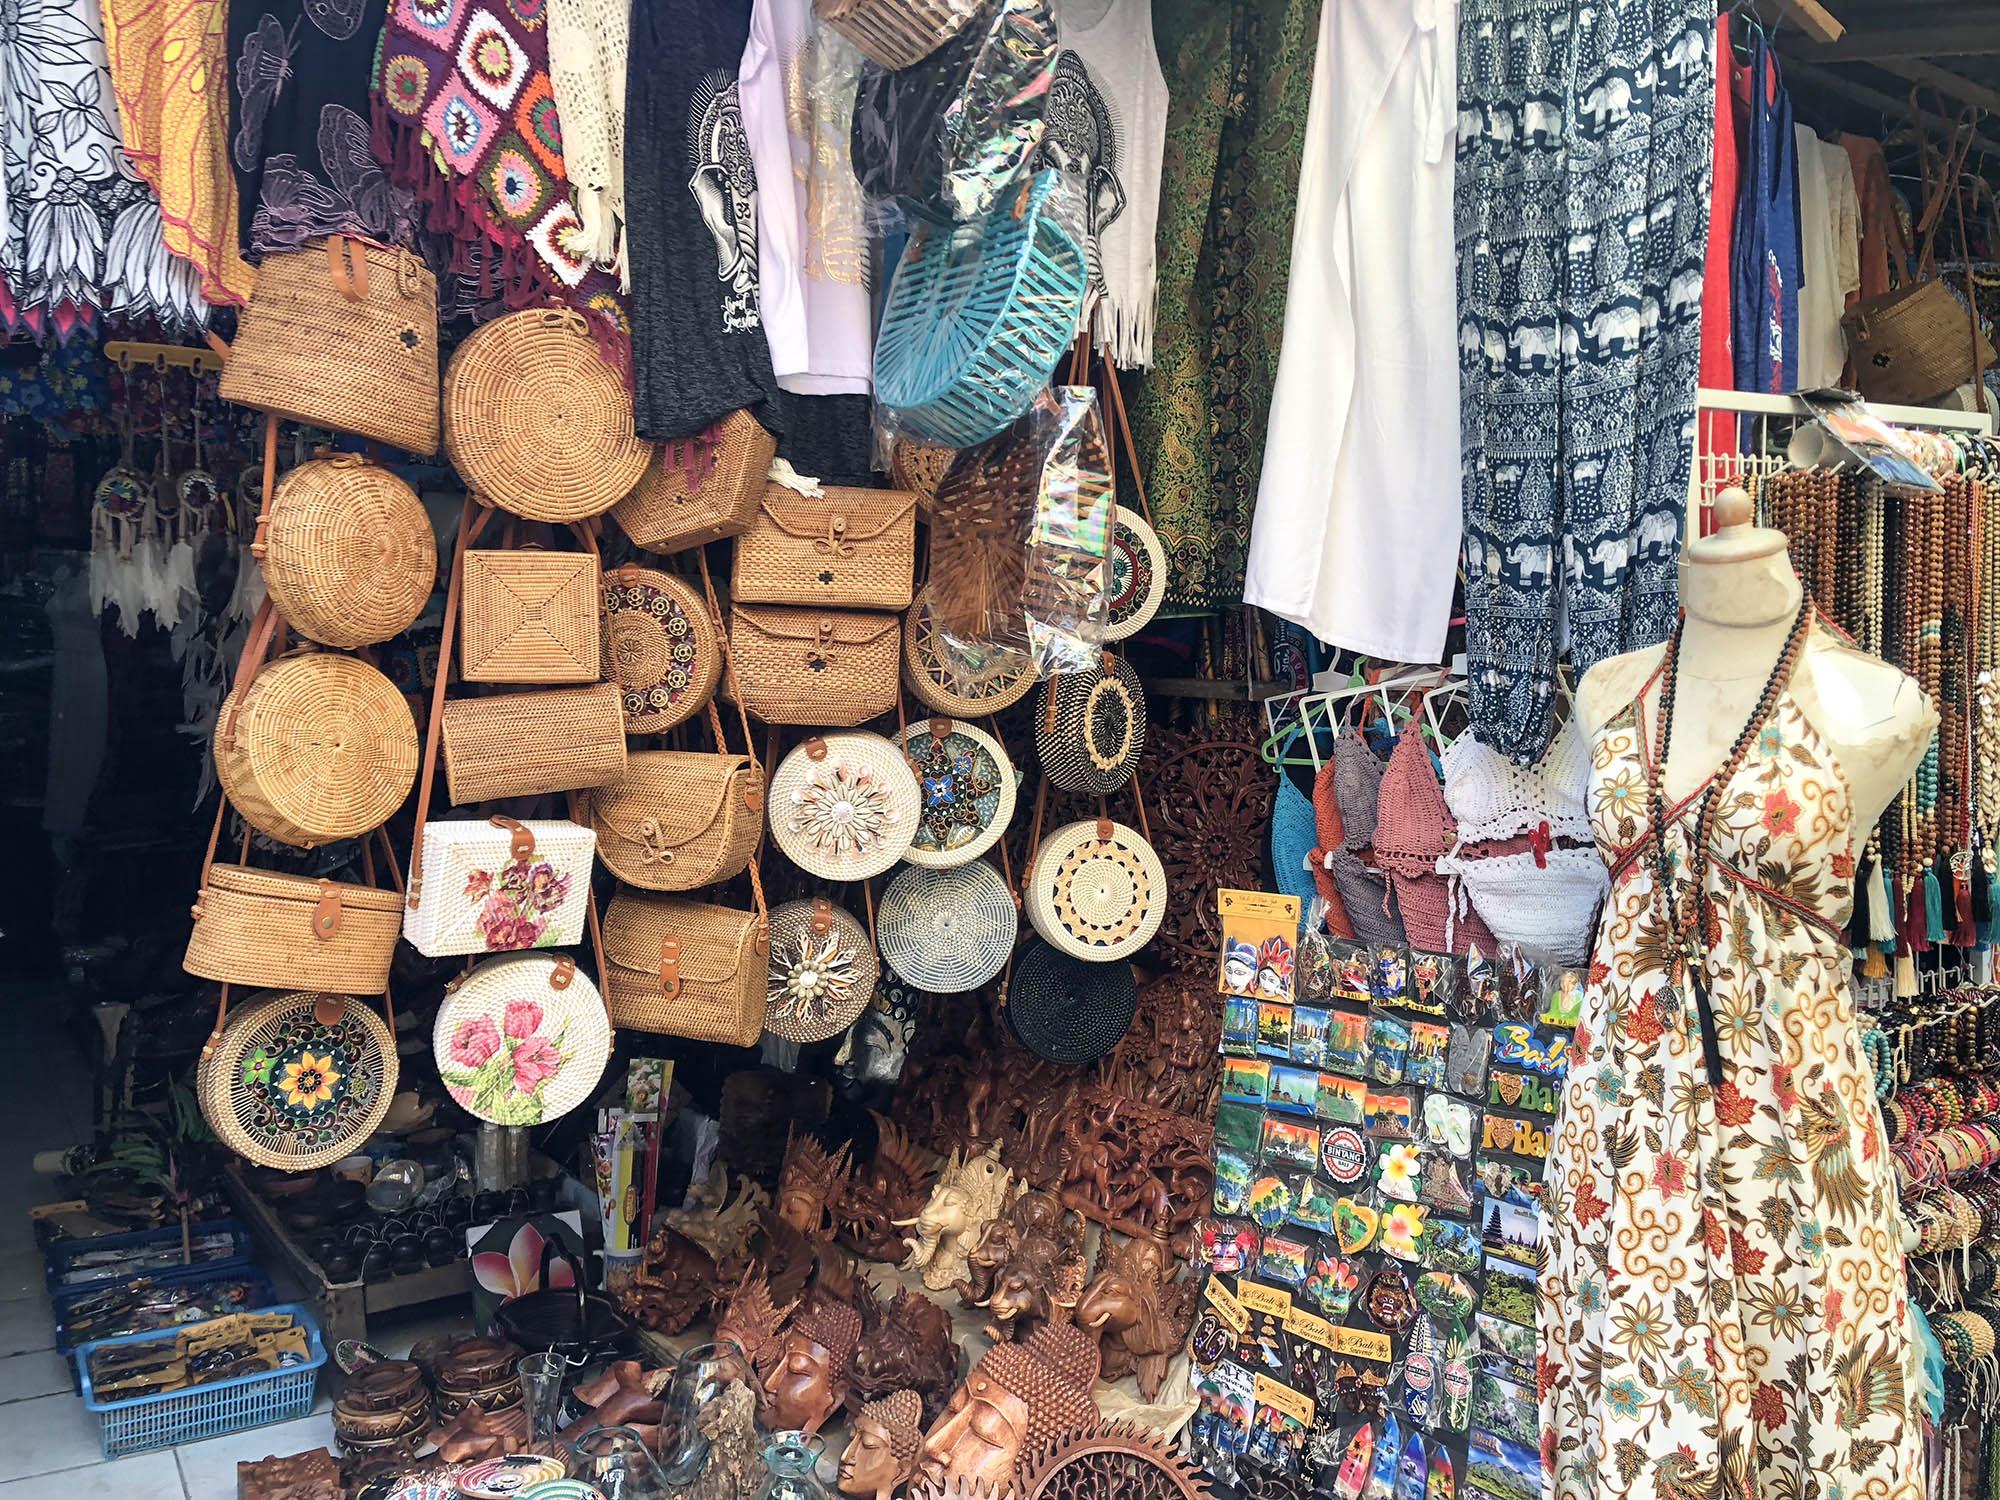 聖泉寺商店街賣衣服2